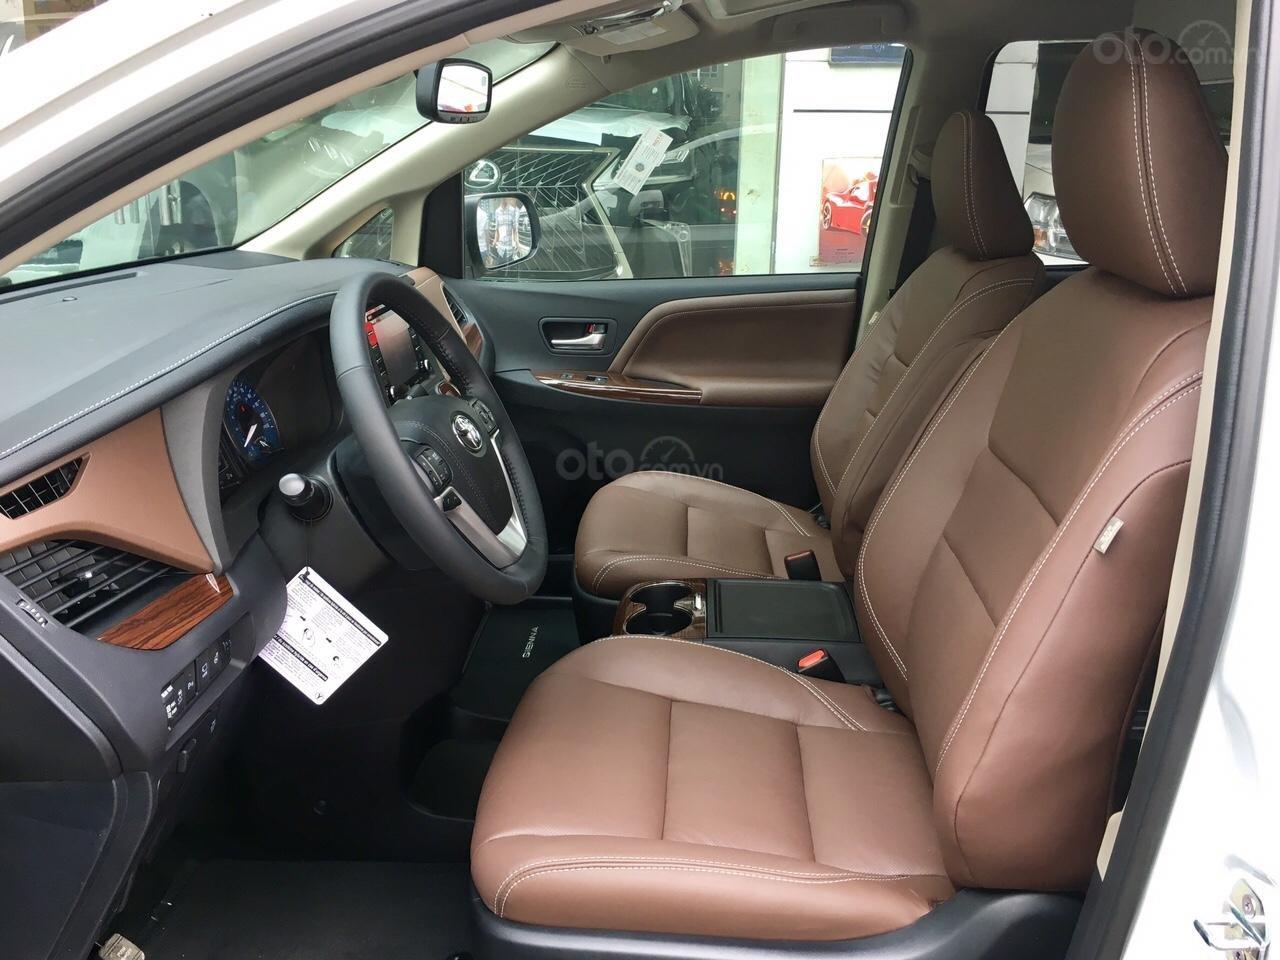 Bán Toyota Sienna Limited sản xuất 2019, mới 100%, đủ màu giao ngay, giá rẻ nhất -5